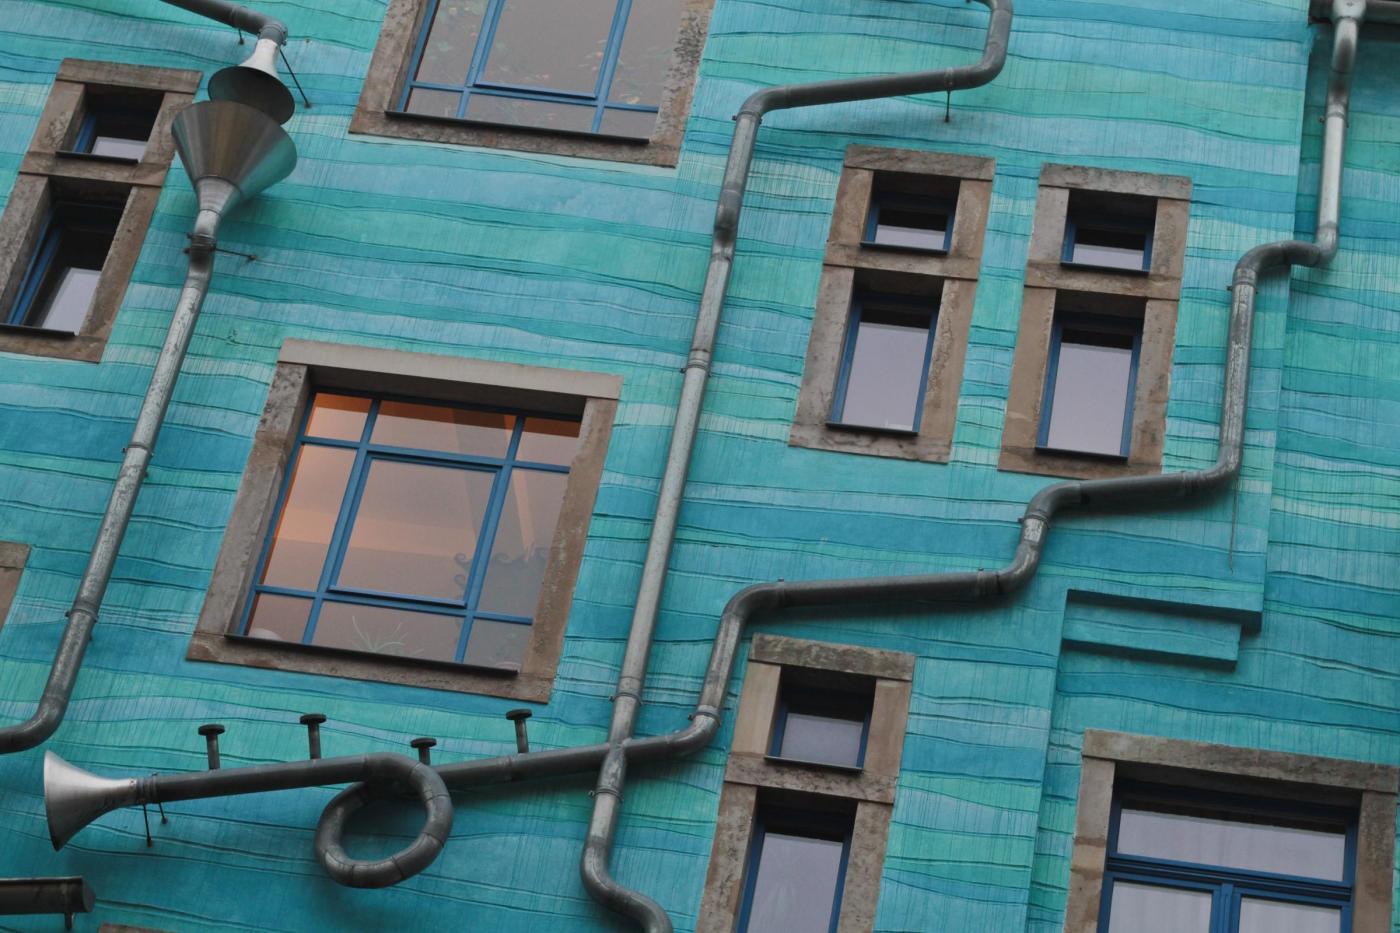 Berlino, la casa che suona con la pioggia04